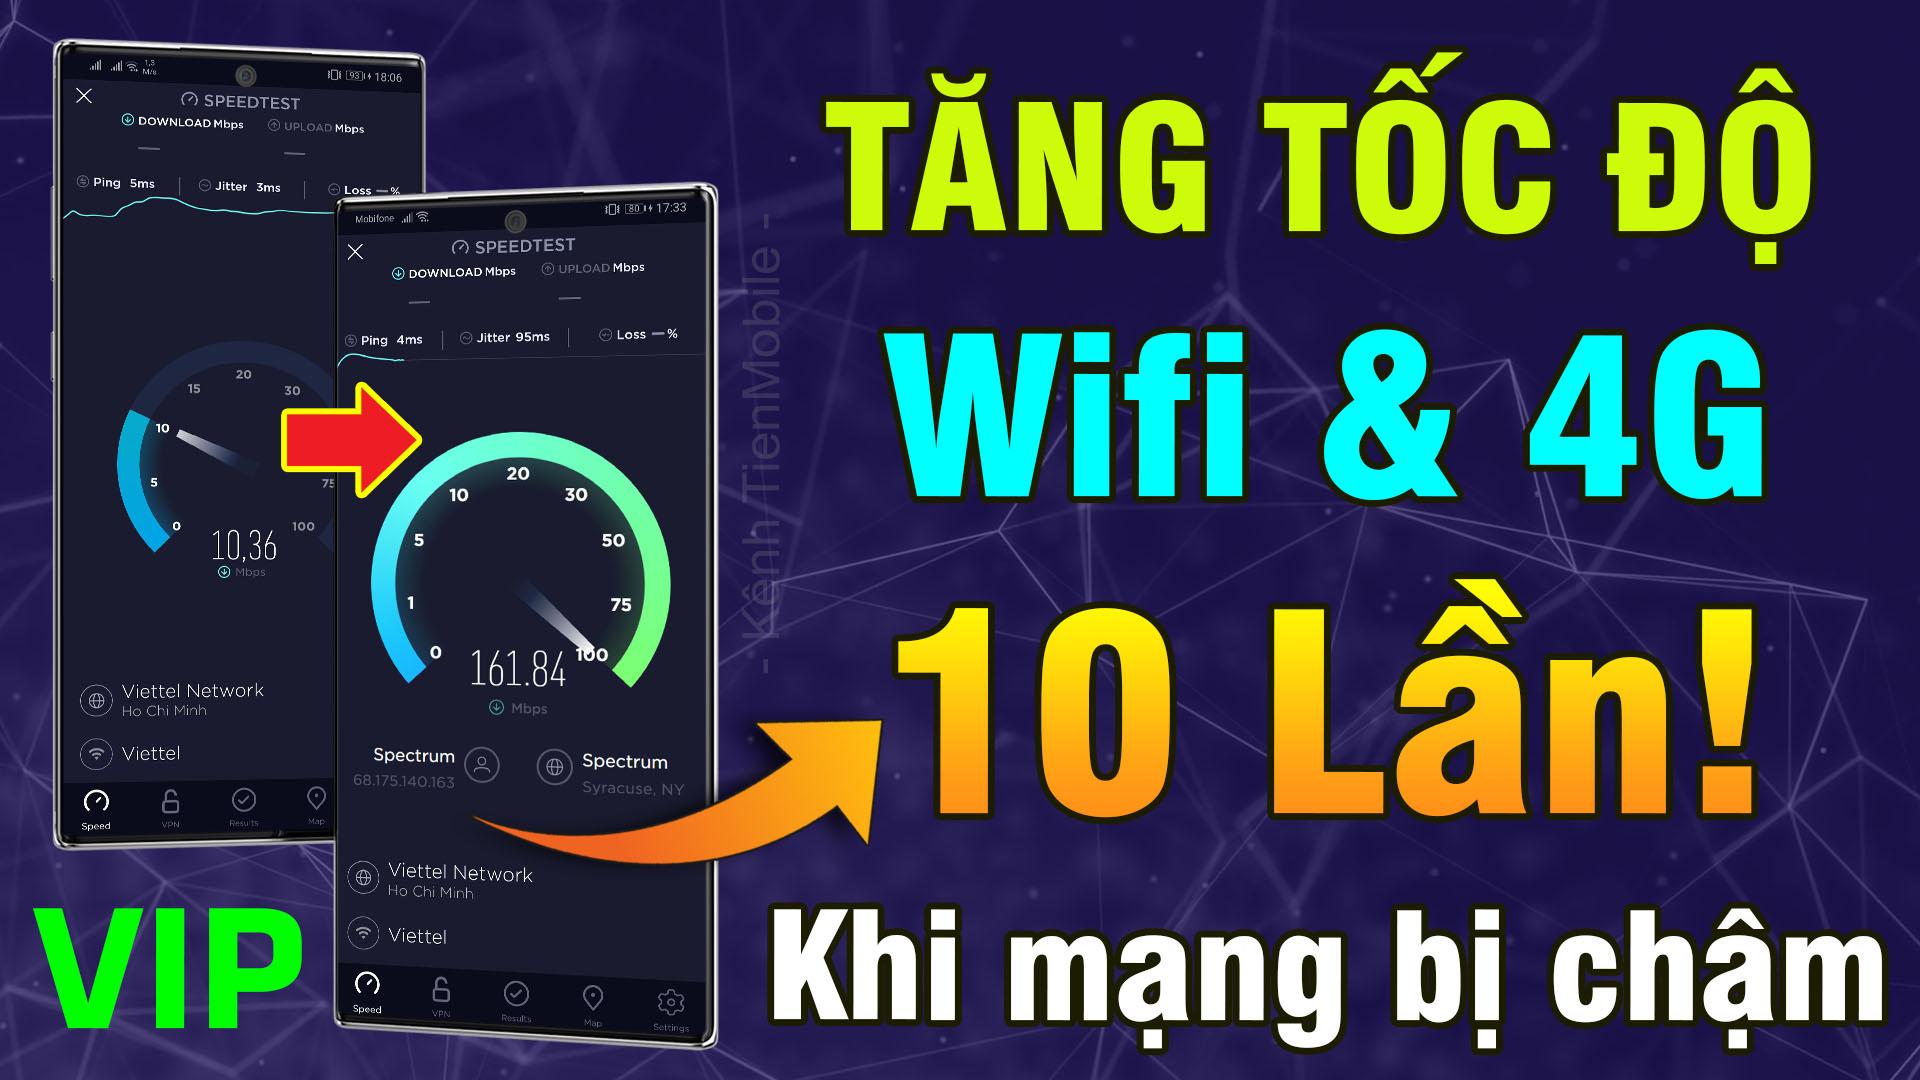 Ứng dụng tăng tốc độ Wifi, 4G lên 10 lần khi mạng chậm bằng VPN